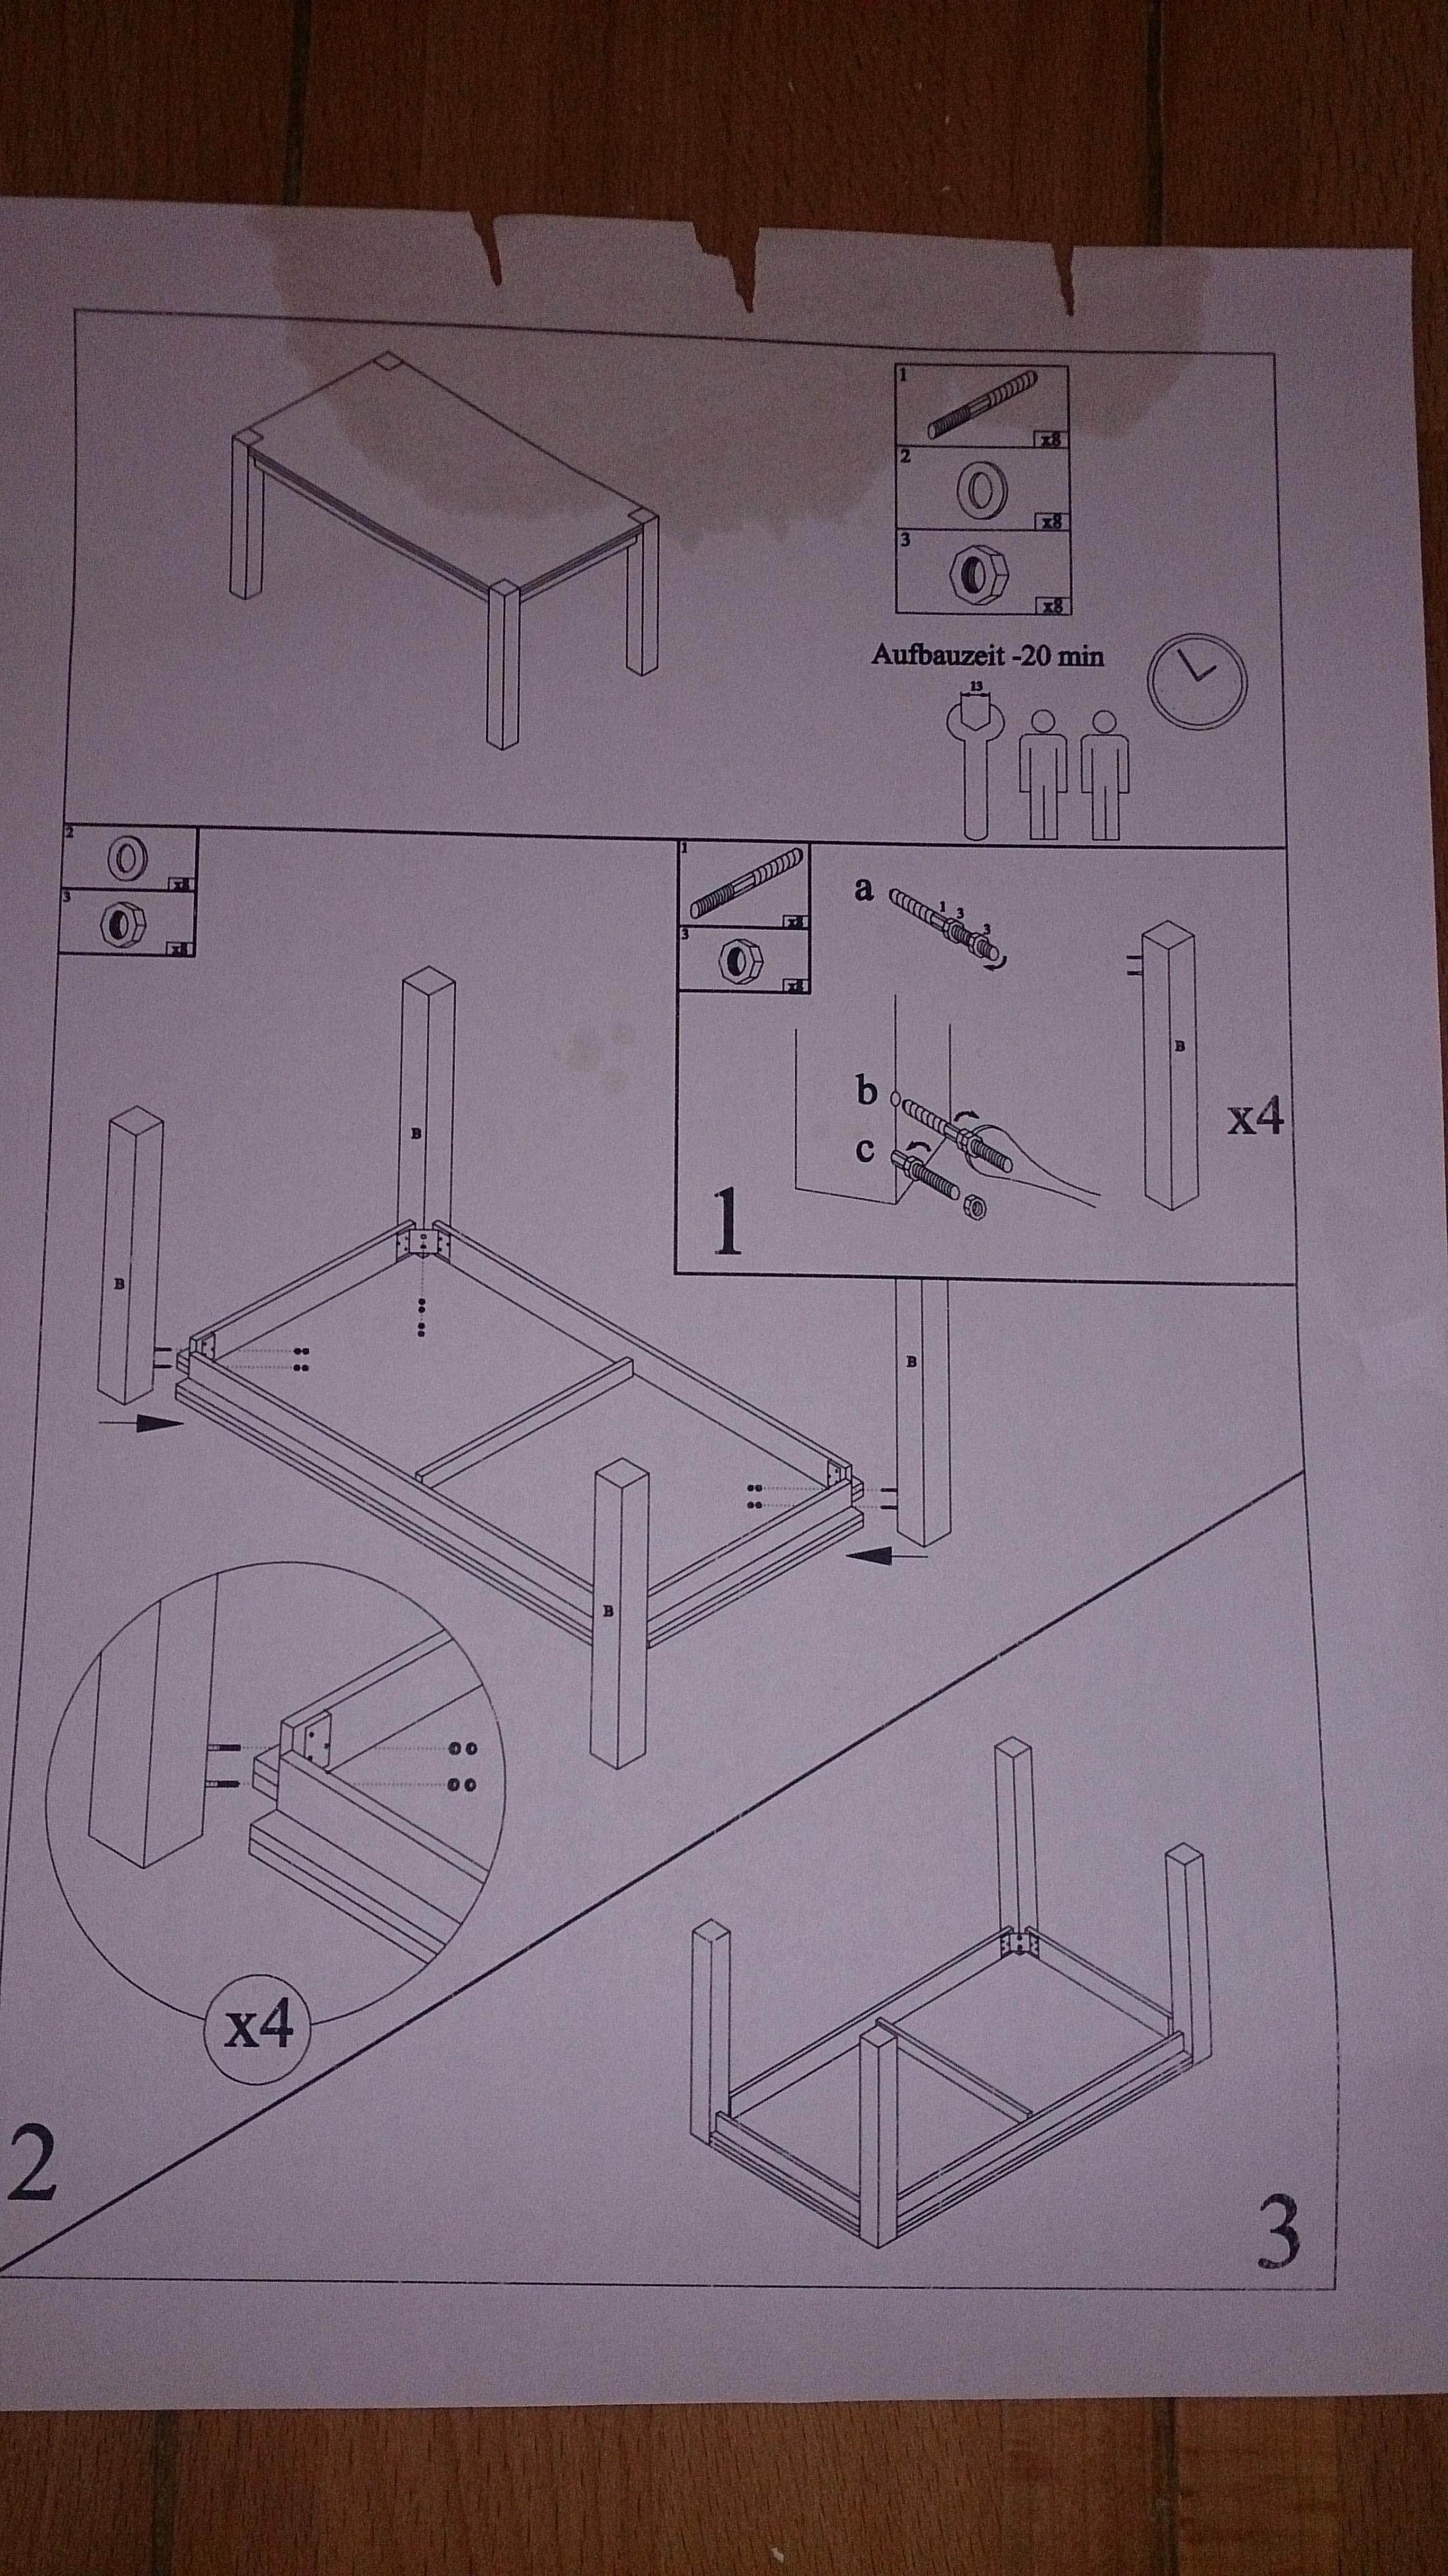 esstisch zusammenbauen wie ist die anleitung zu deuten f e anschrauben computerbase forum. Black Bedroom Furniture Sets. Home Design Ideas